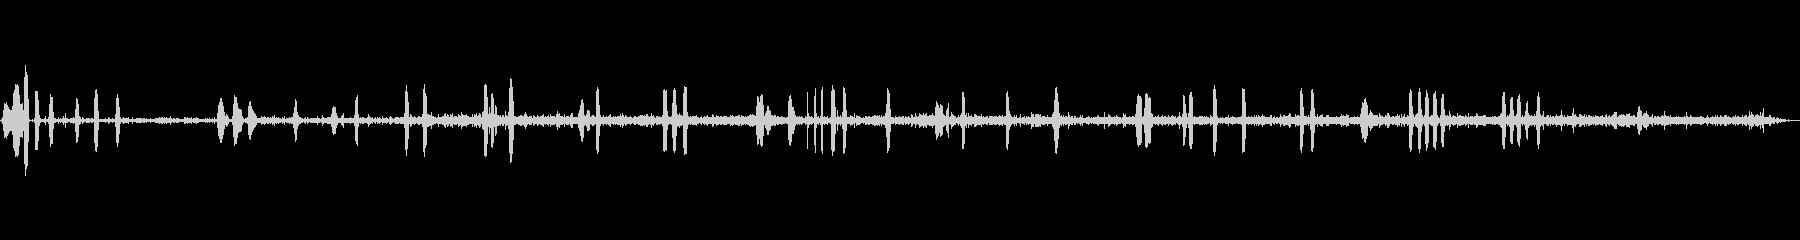 オンボード、叫ぶコマンド、スローム...の未再生の波形